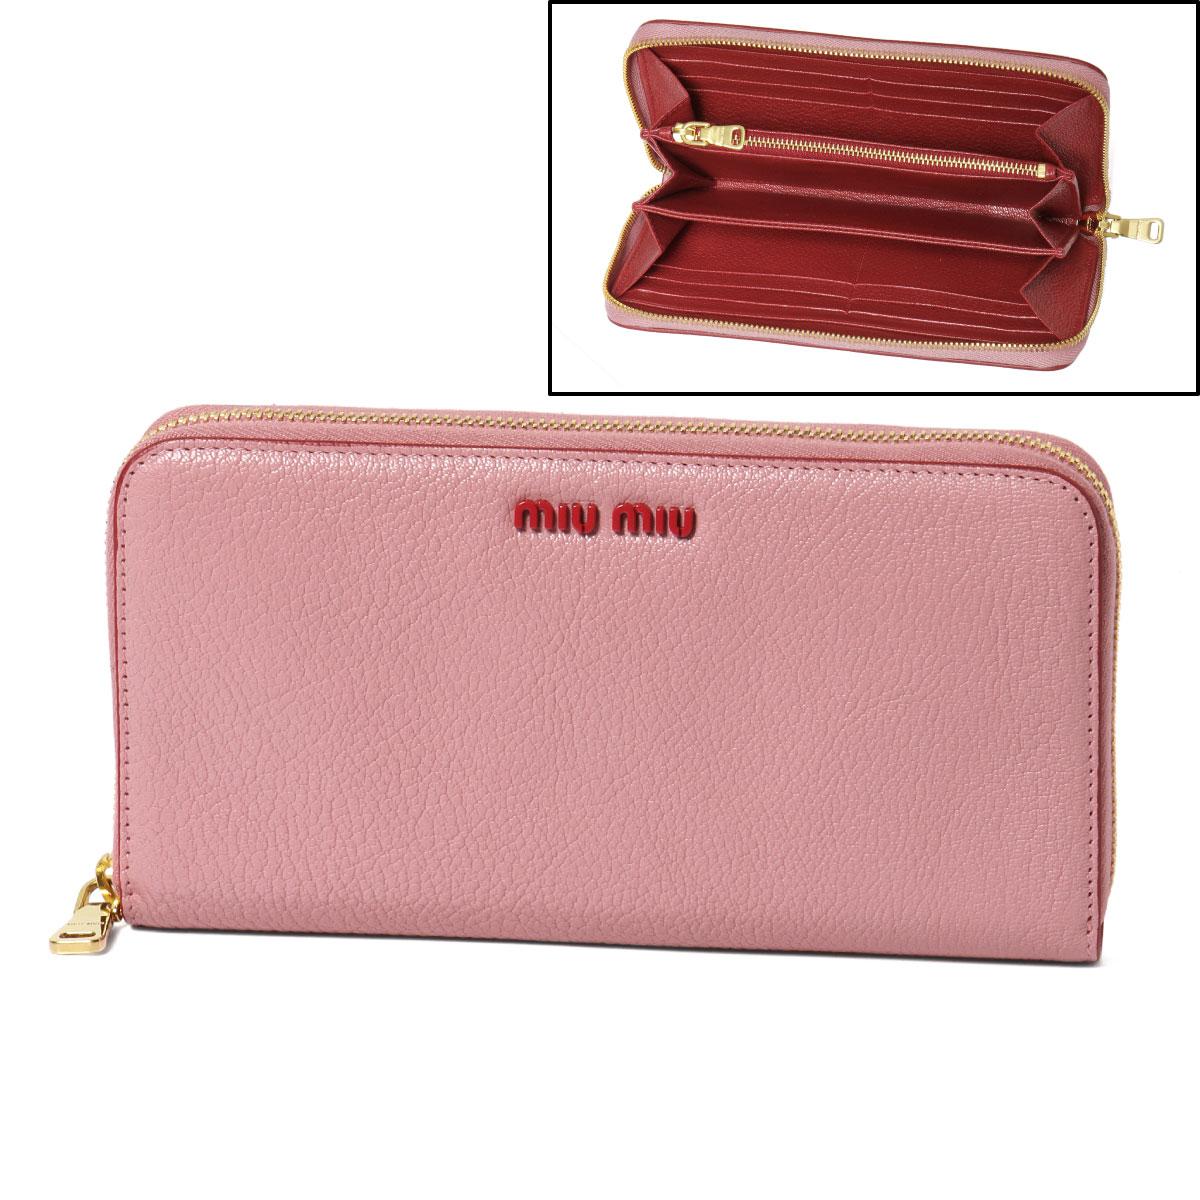 ミュウ ミュウ MIU MIU 財布 レディース 5ML506 CB6 F0028 ラウンドファスナー長財布 MADRAS COLOUR ROSA ピンク